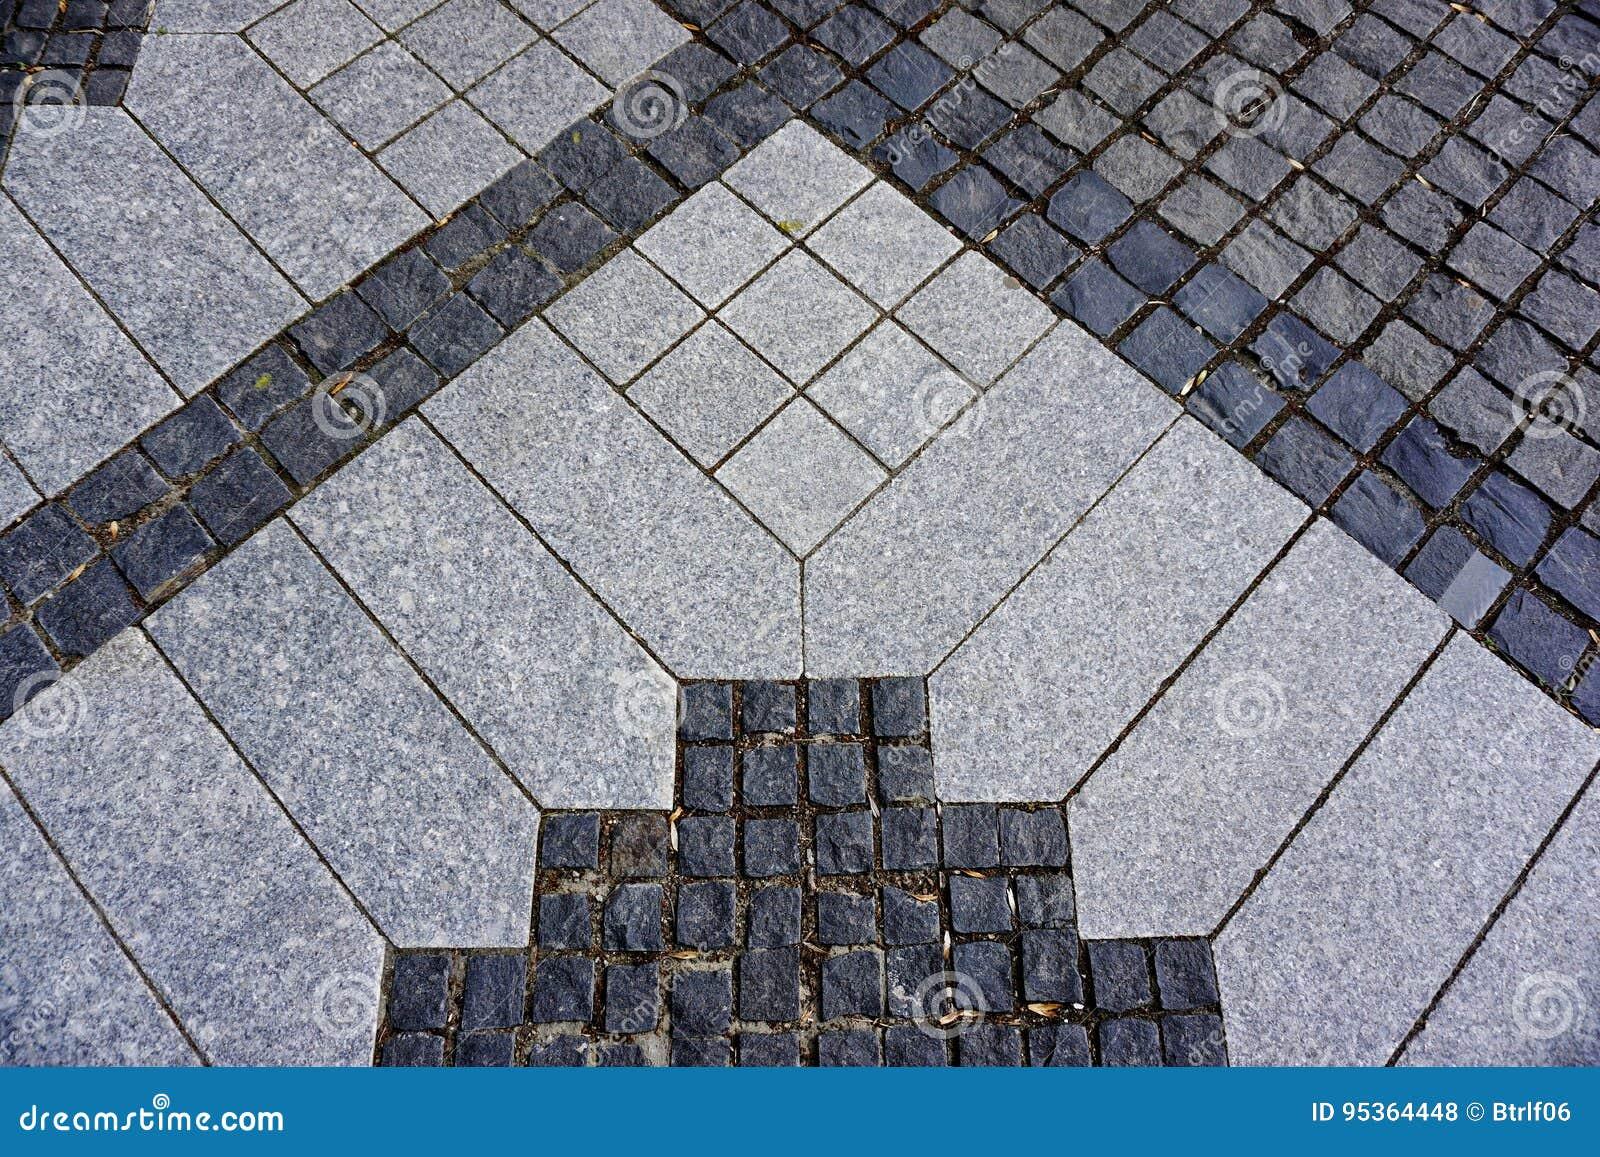 Pavimento detalhado